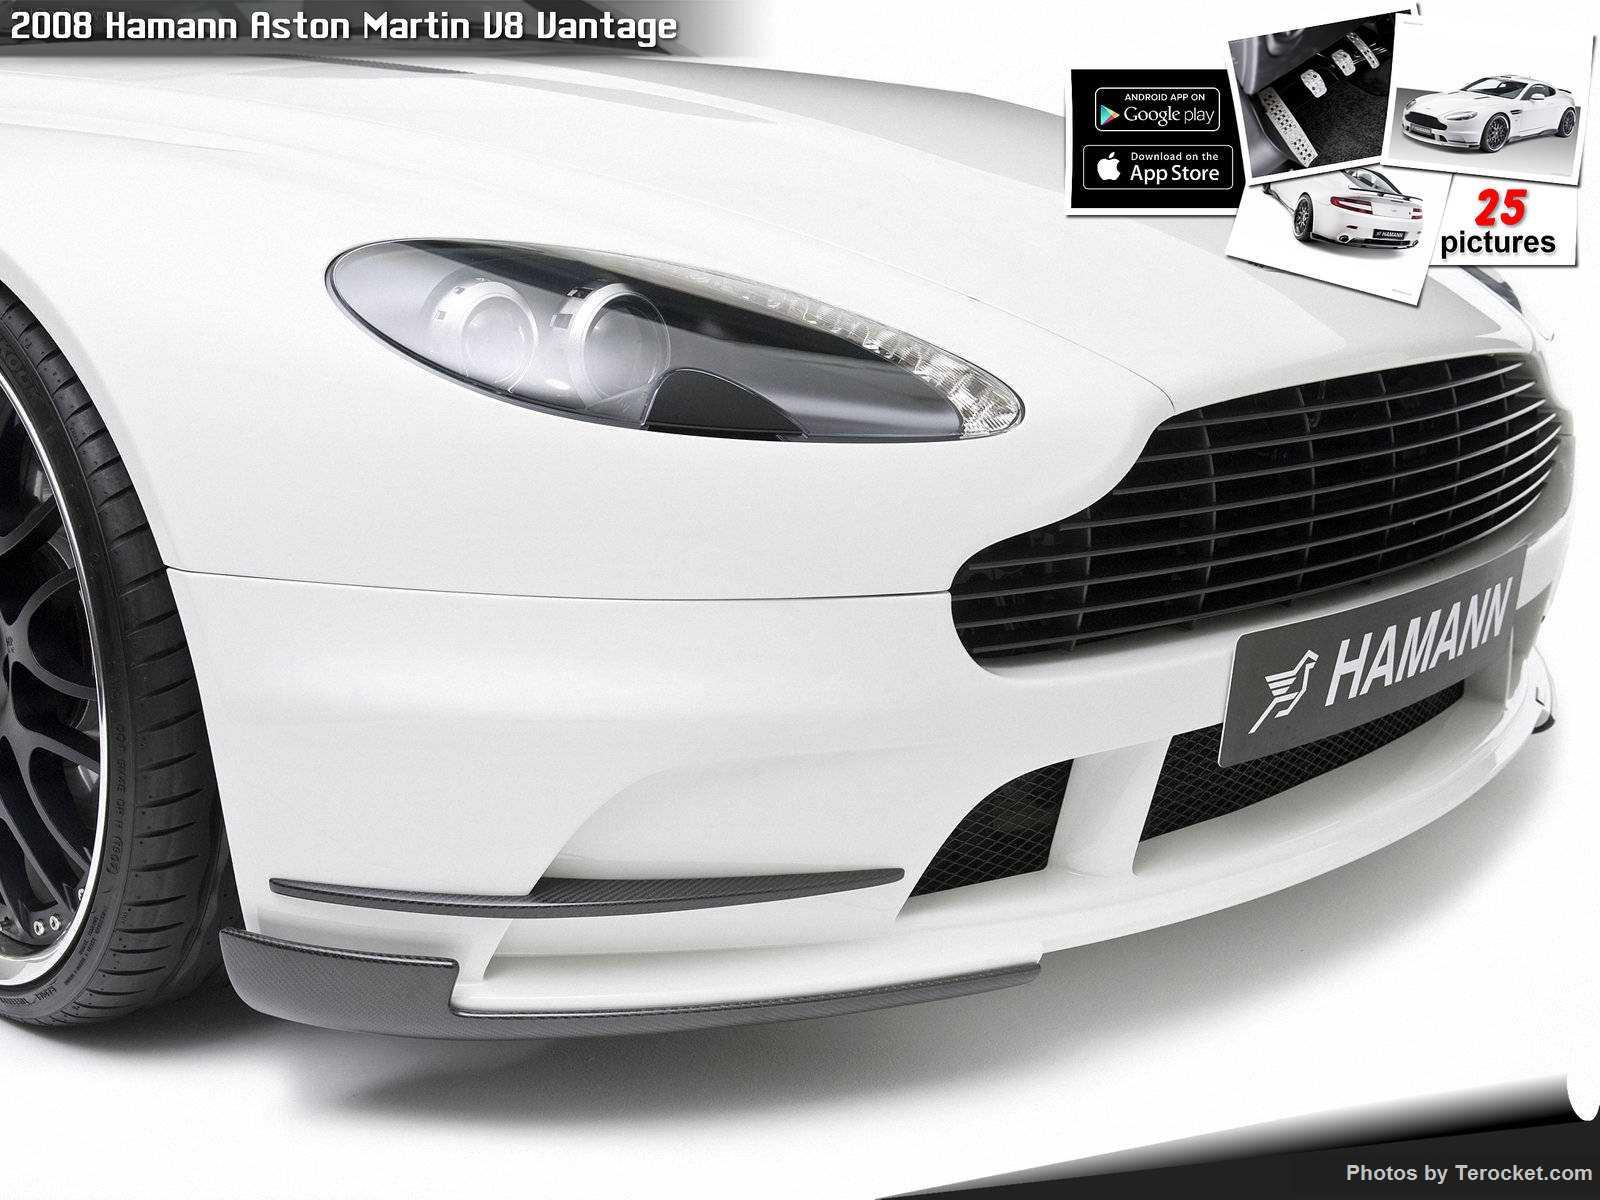 Hình ảnh xe ô tô Hamann Aston Martin V8 Vantage 2008 & nội ngoại thất